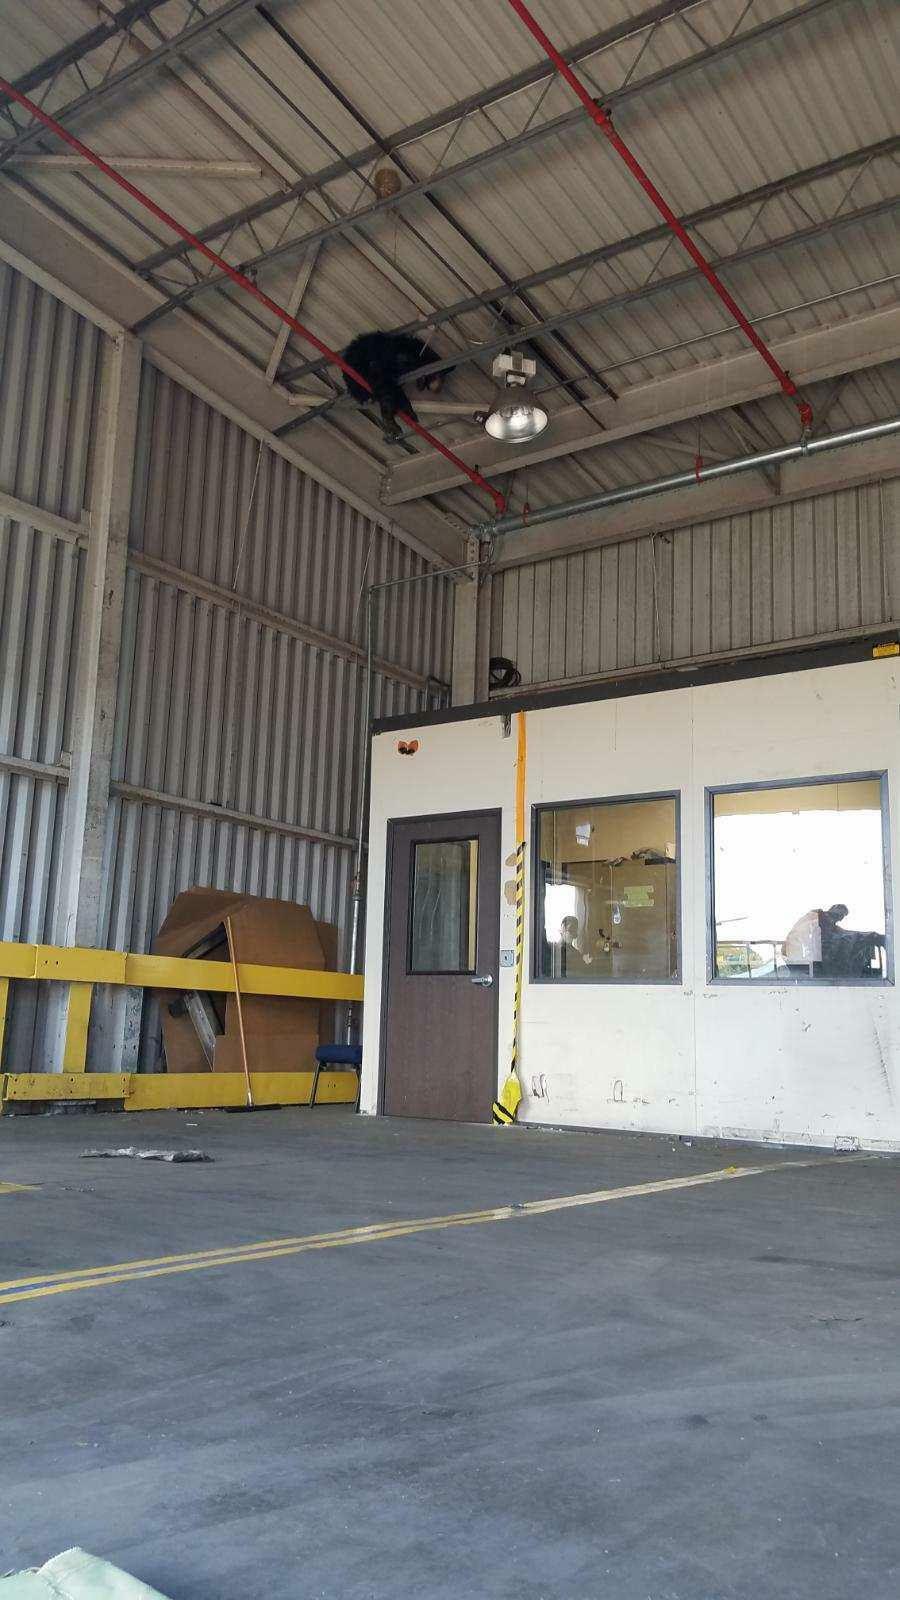 Cá sấu xâm nhập bưu điện, gấu đen mắc kẹt trên trần nhà máy ở Mỹ - ảnh 2